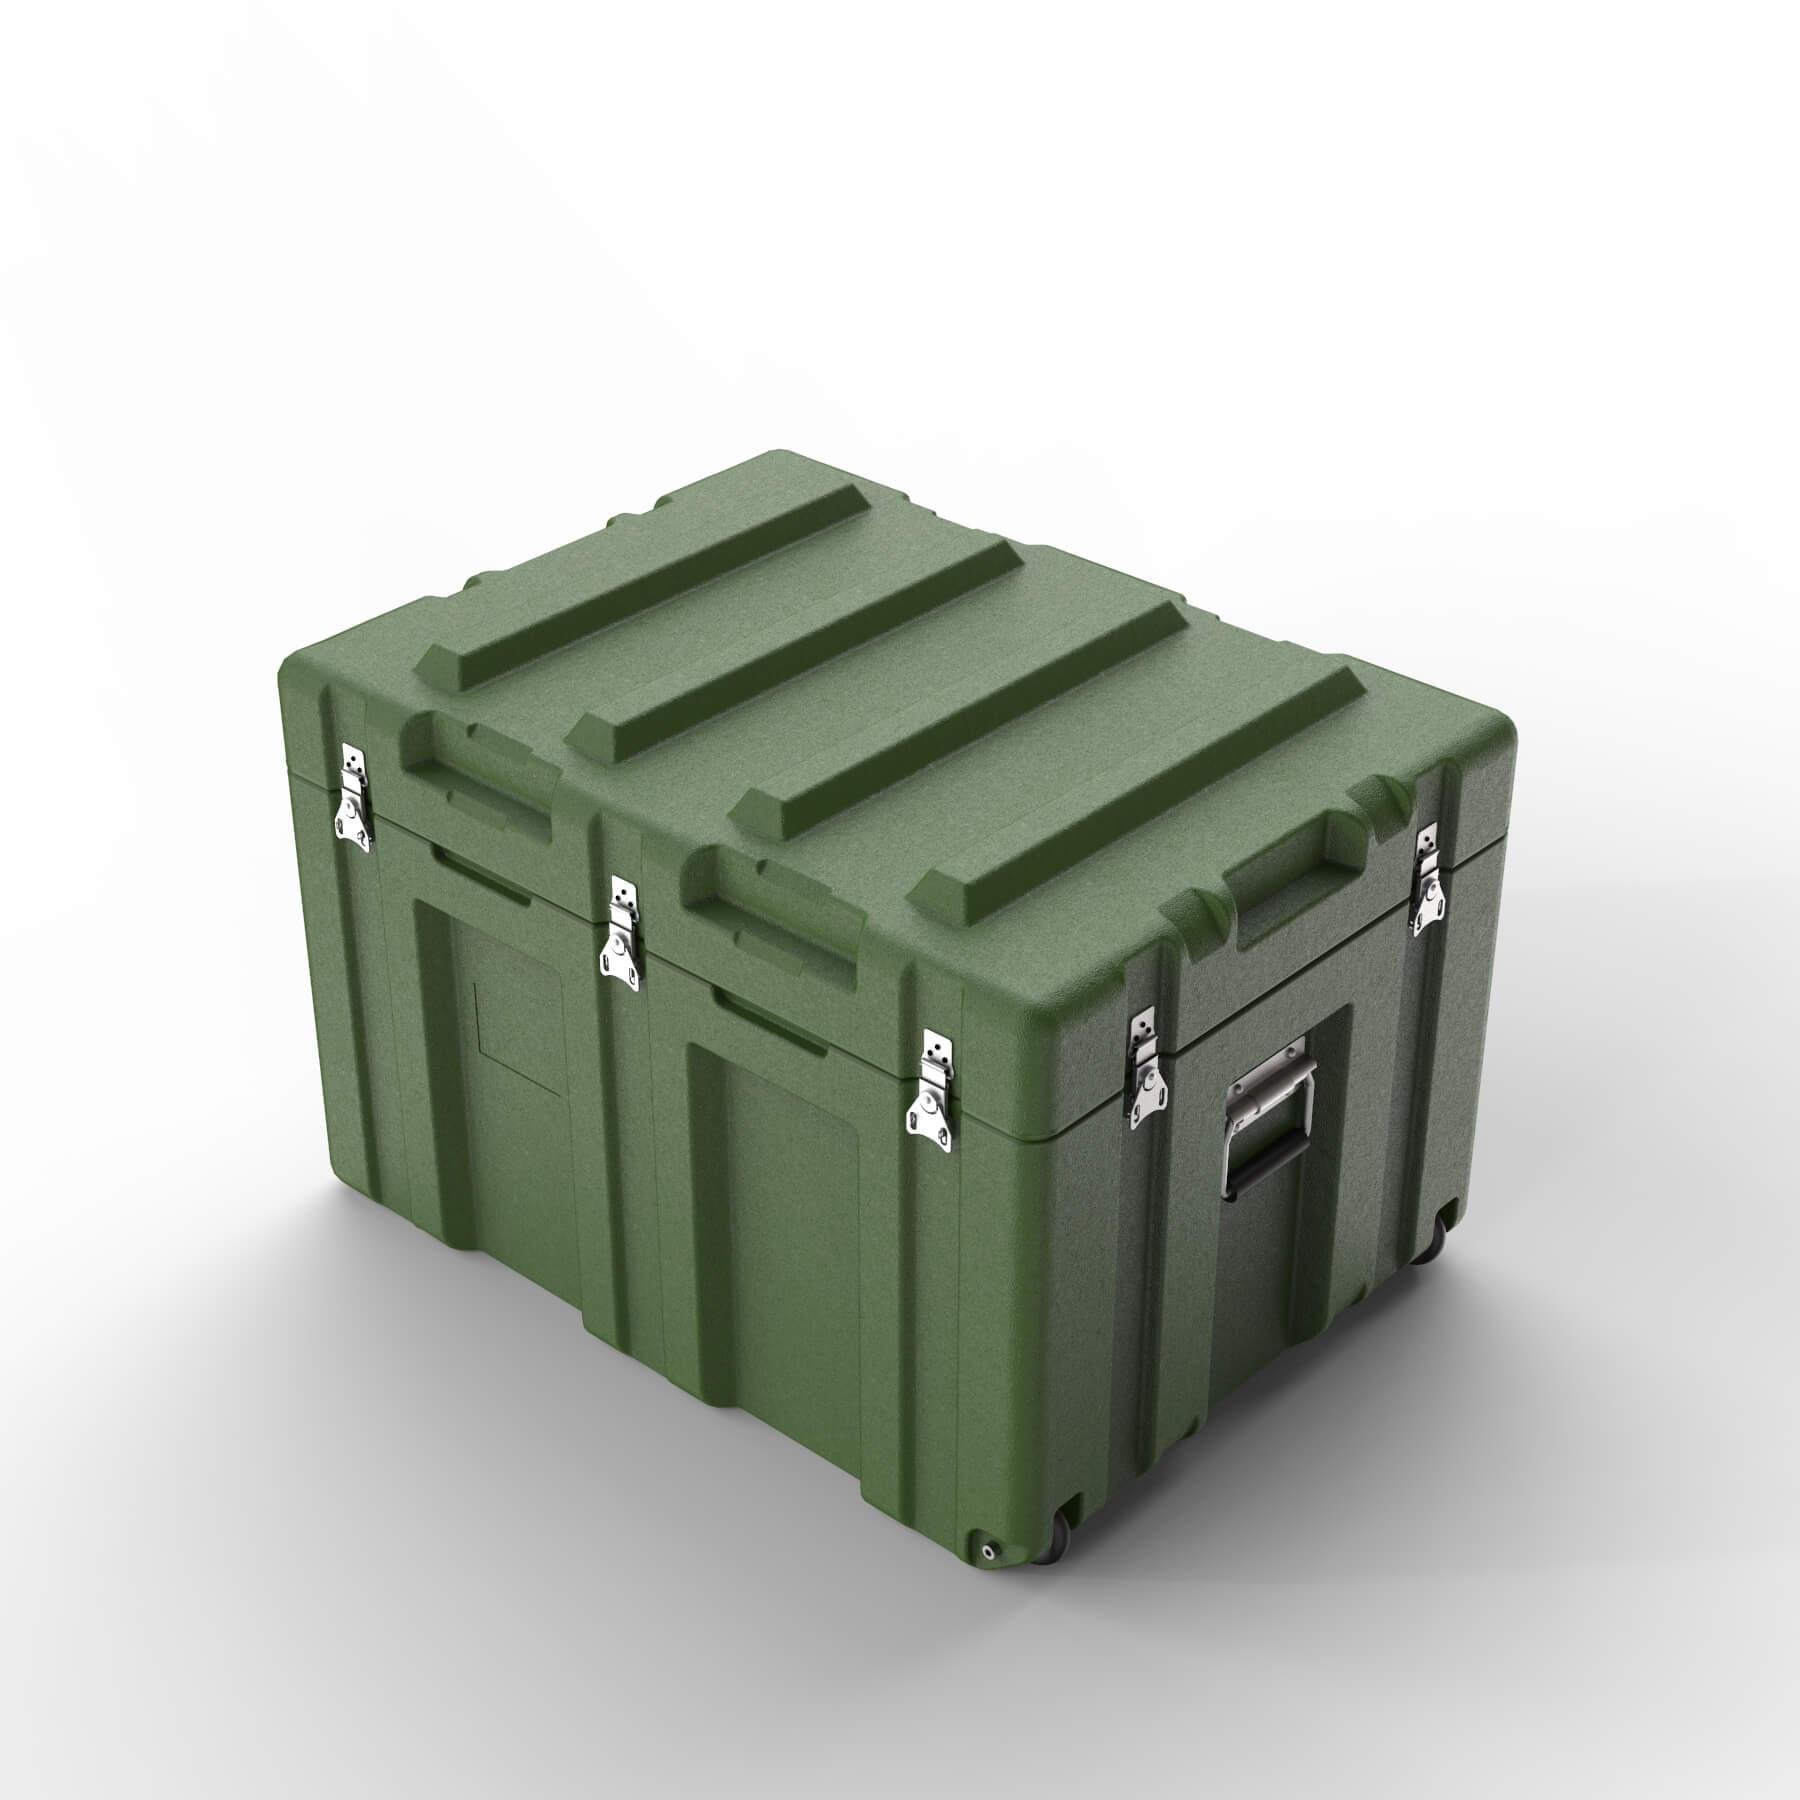 工业检测设备箱